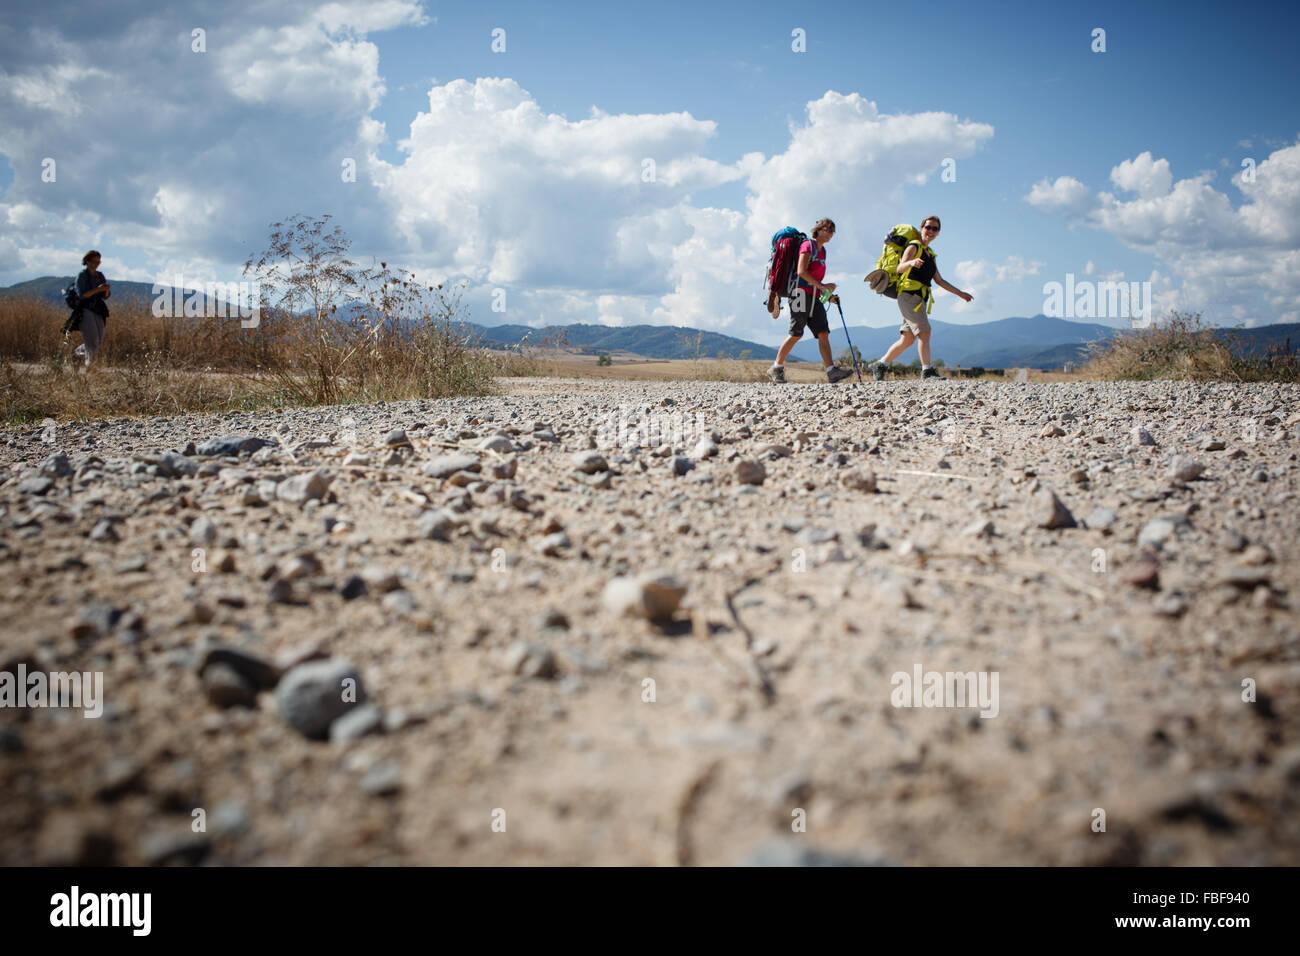 13/9/14 Pilgrims walking Camino de Santiago near Santo Domingo de la Calzada, La Rioja, Spain - Stock Image